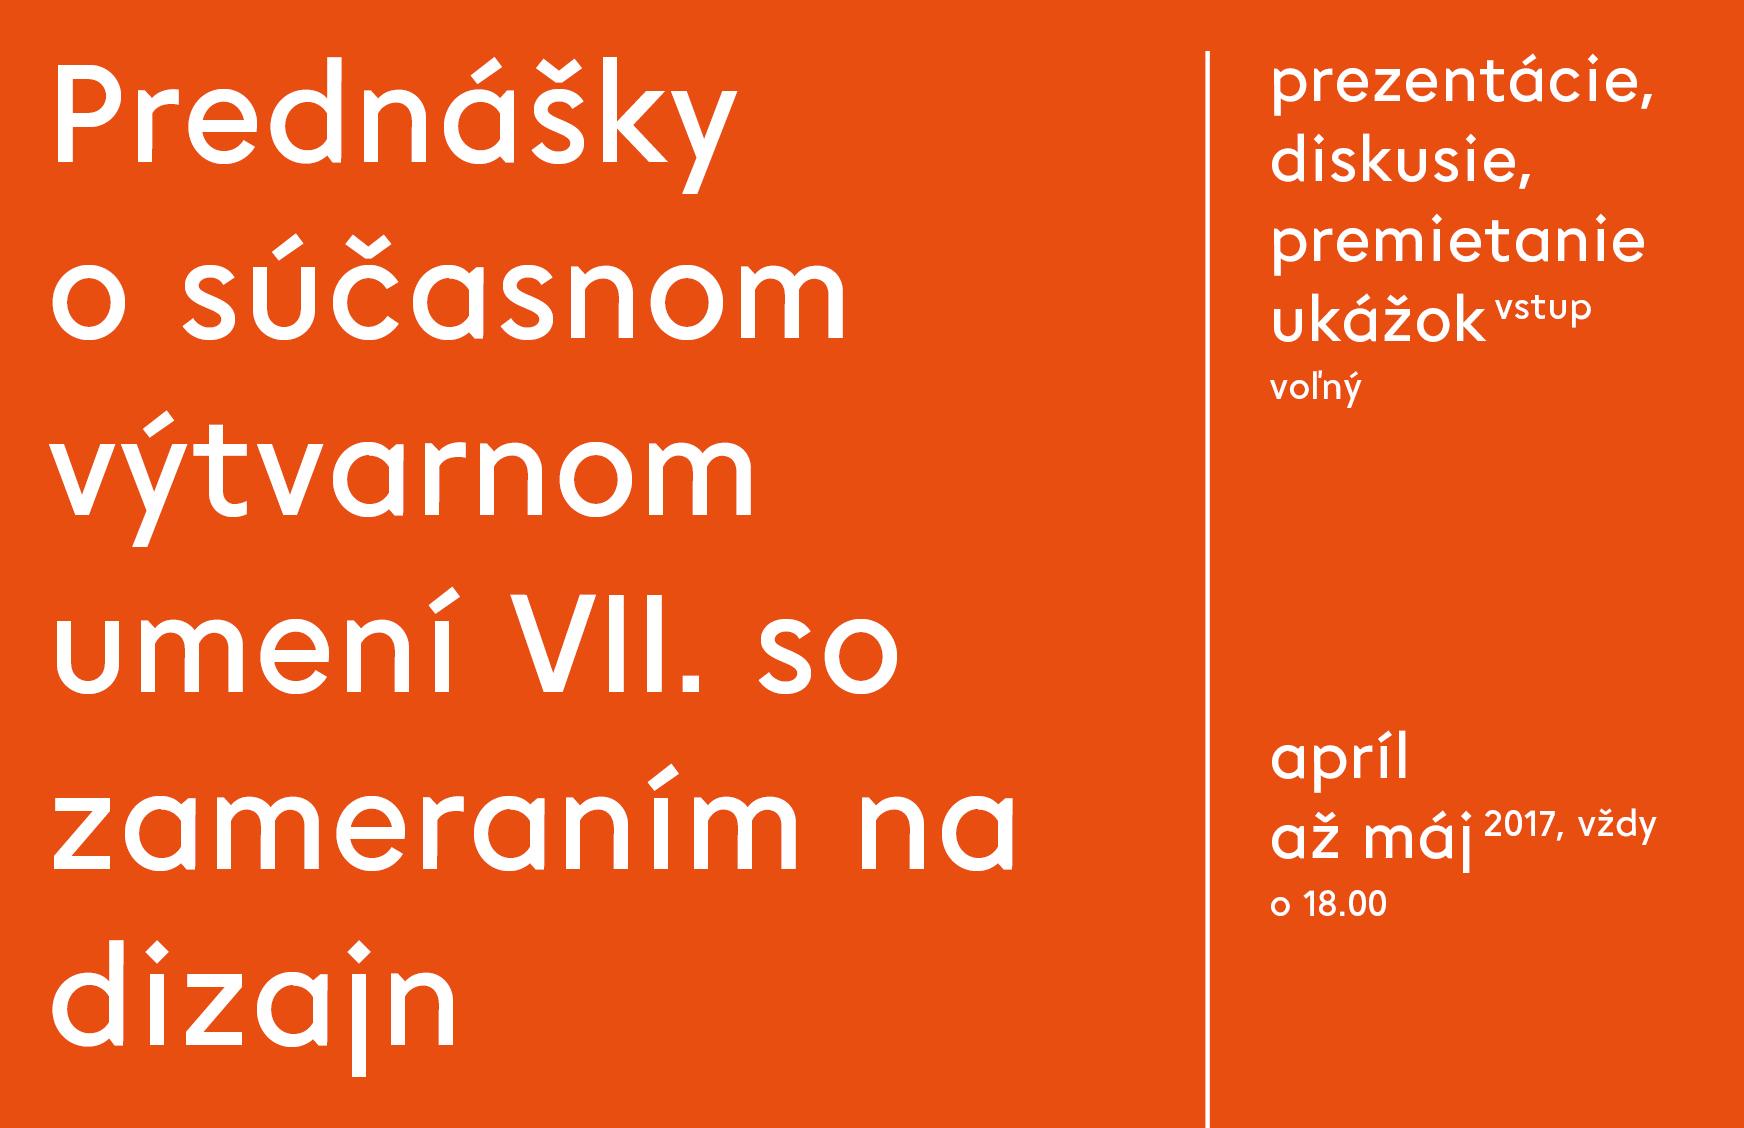 Prednášky o súčasnom výtvarnom umení VII. s - Kam v meste  03215d818e8